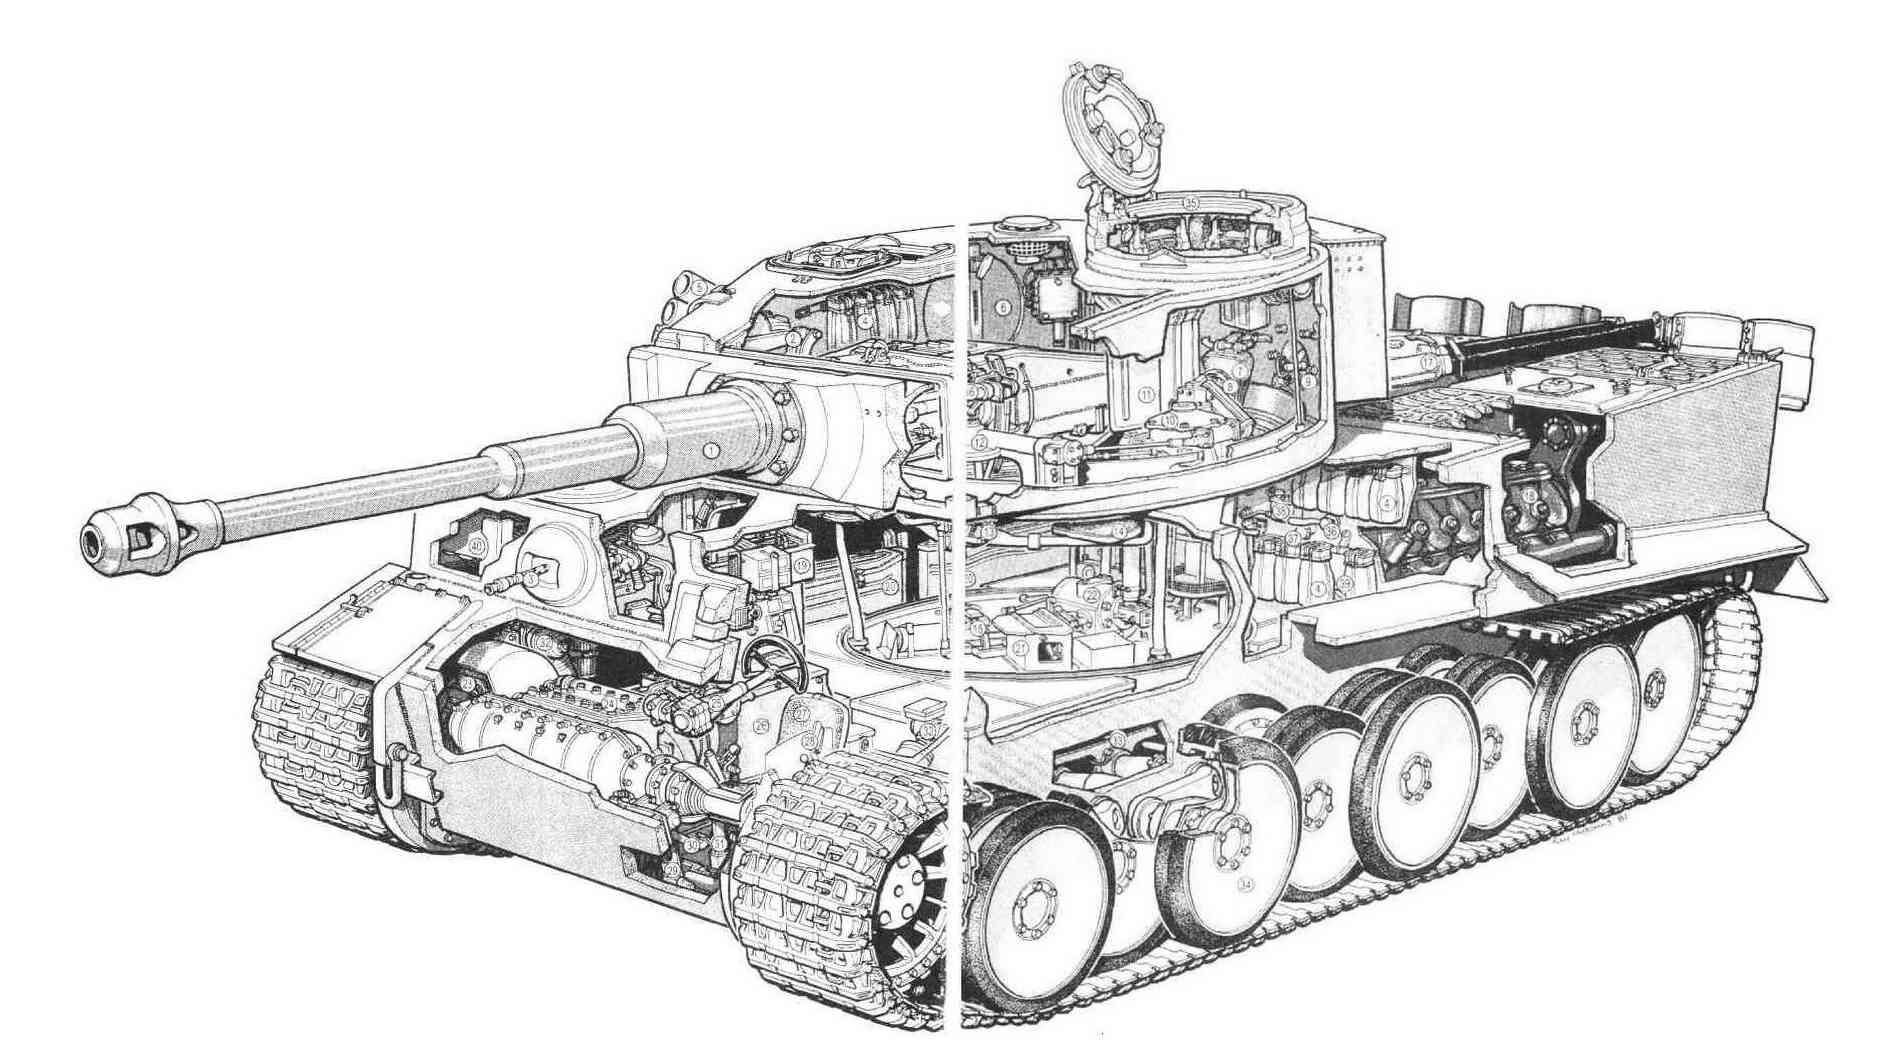 虎式坦克cad图纸_谁有虎式坦克的详细图纸?主要是内部结构和机械结构。_百度知道